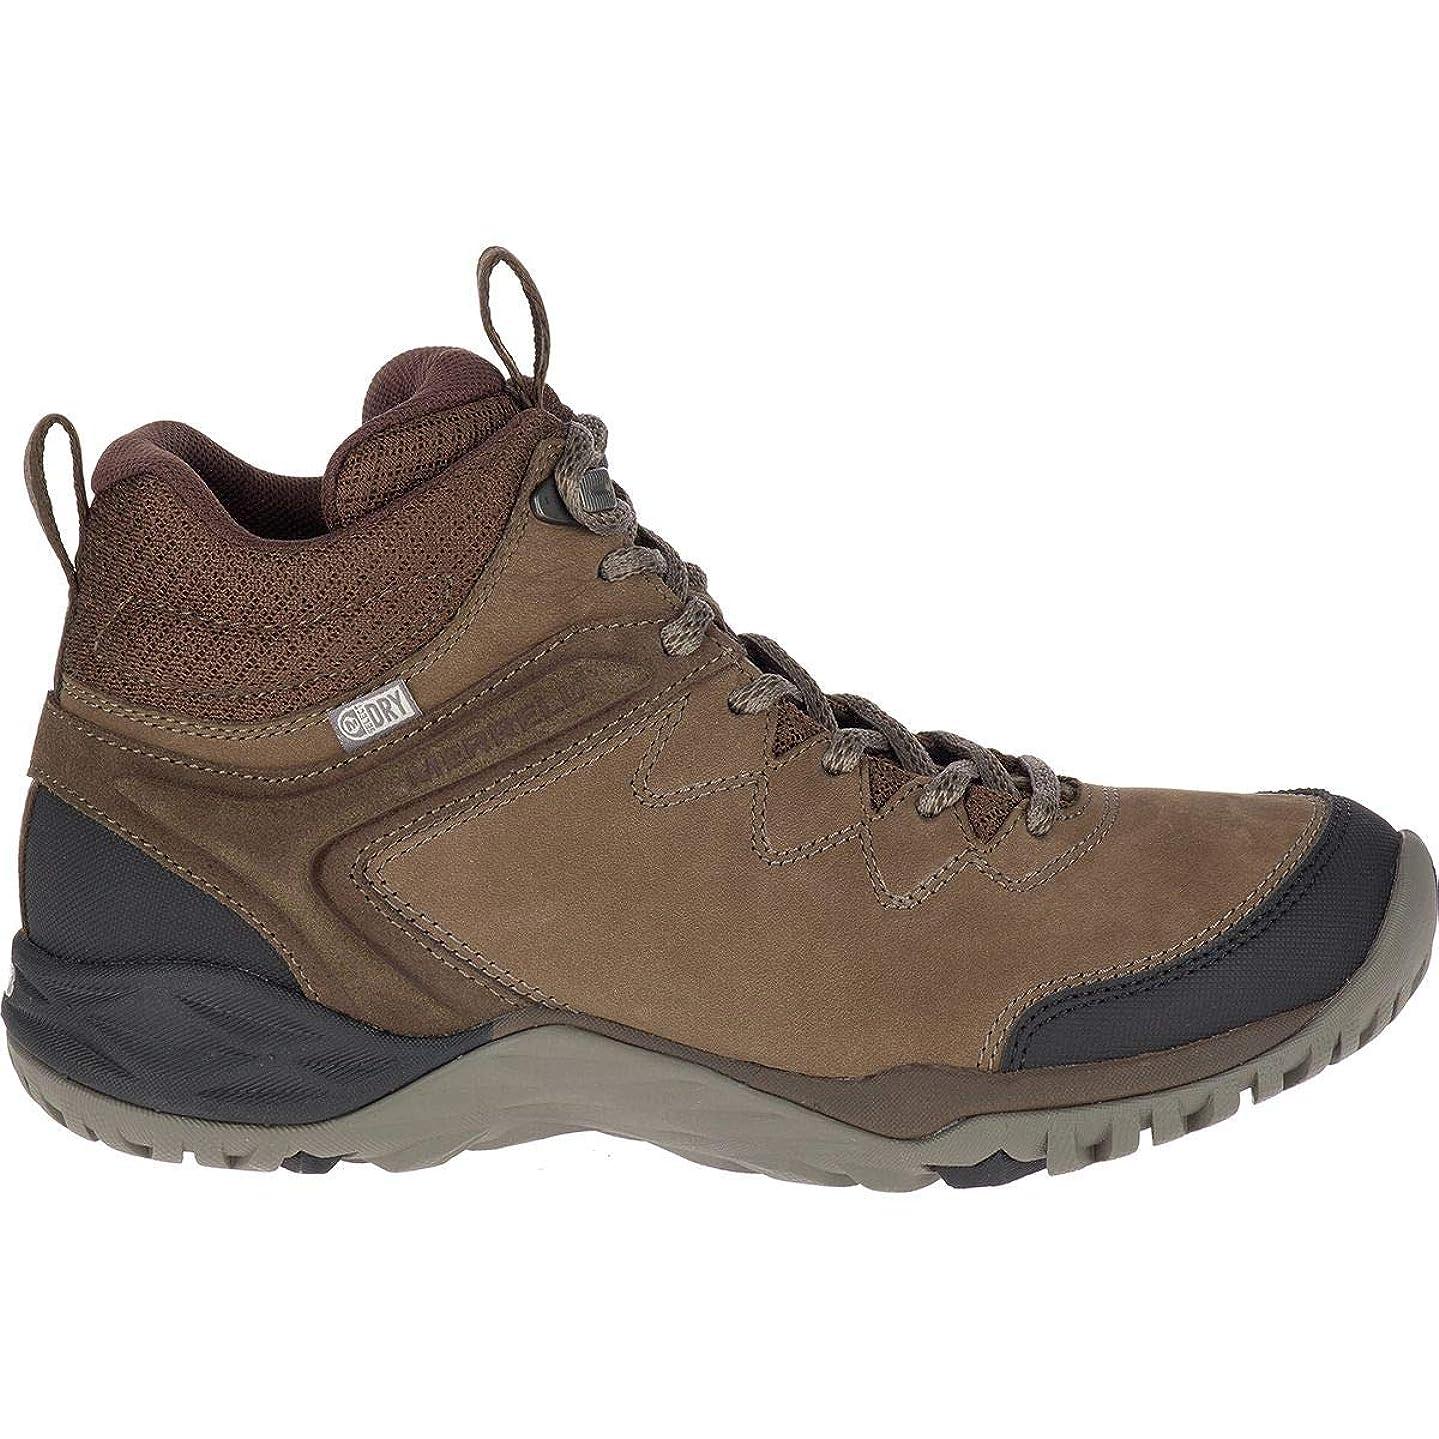 任意半径生産的[メレル] Siren Traveller Q2 Mid Waterproof Hiking Boot レディース ブーツ [並行輸入品]